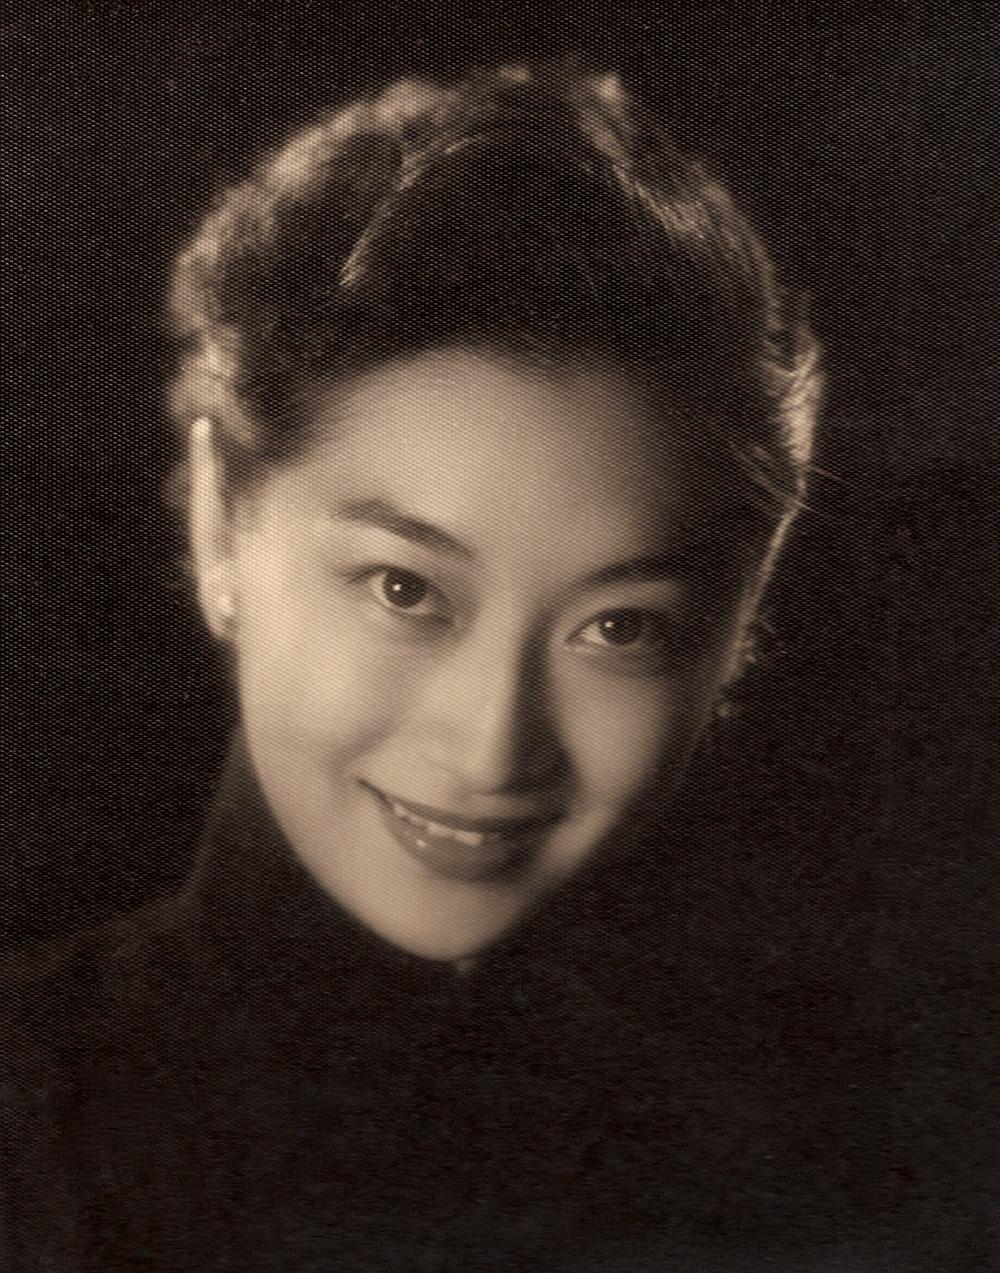 00A-3 nostalgia FAVE1 Isabel Portrait PaG010-001 LCedit-web.jpg